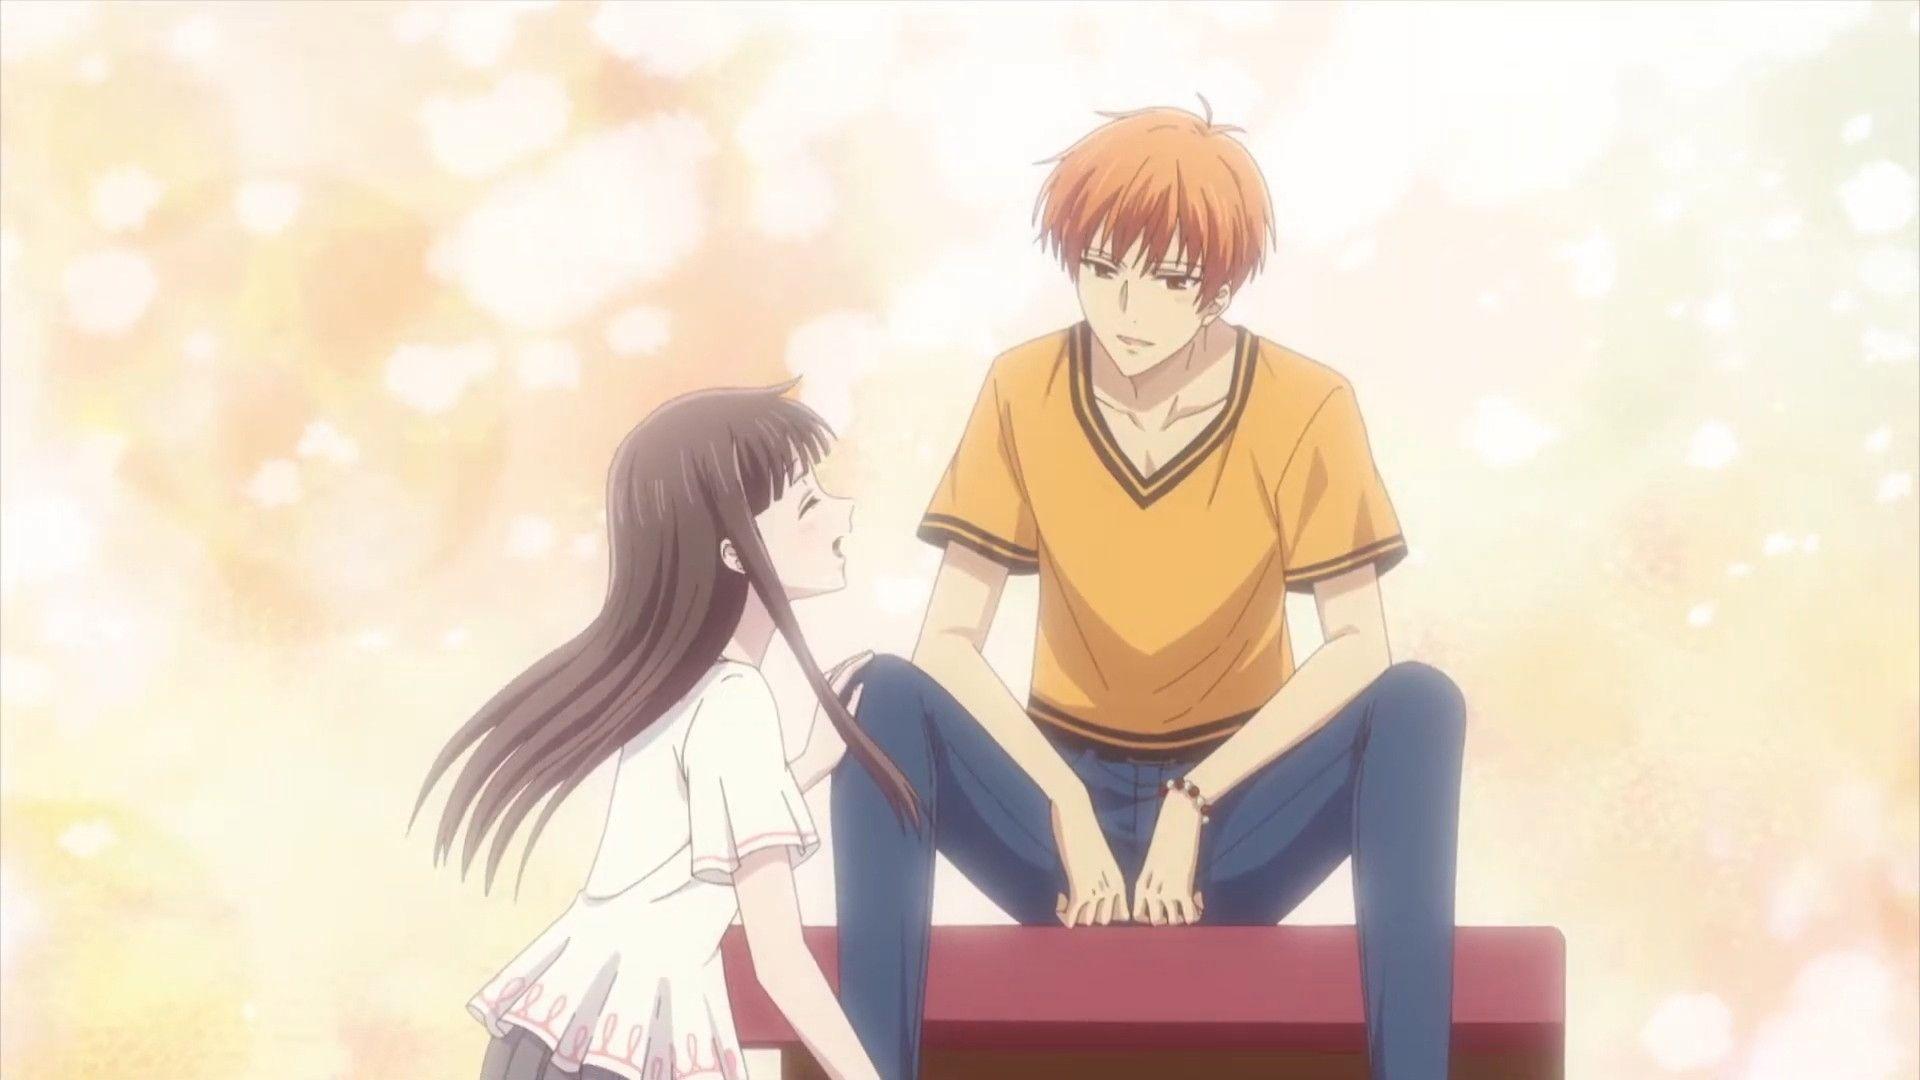 Kyo, Tohru and Yuki Fruits basket, Fruits basket anime